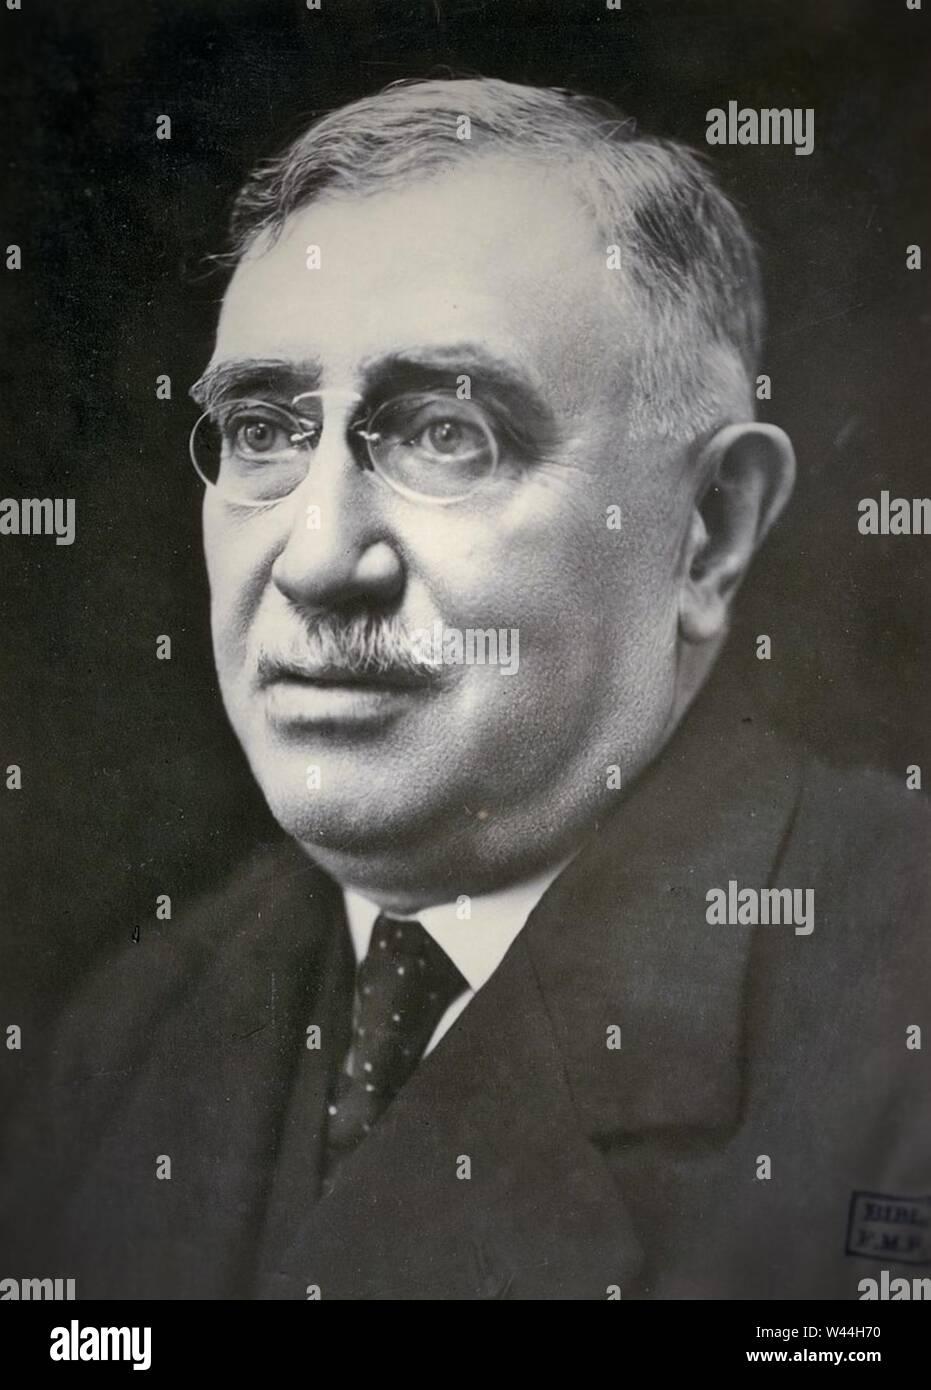 Claude Henri Stock Photos & Claude Henri Stock Images - Alamy